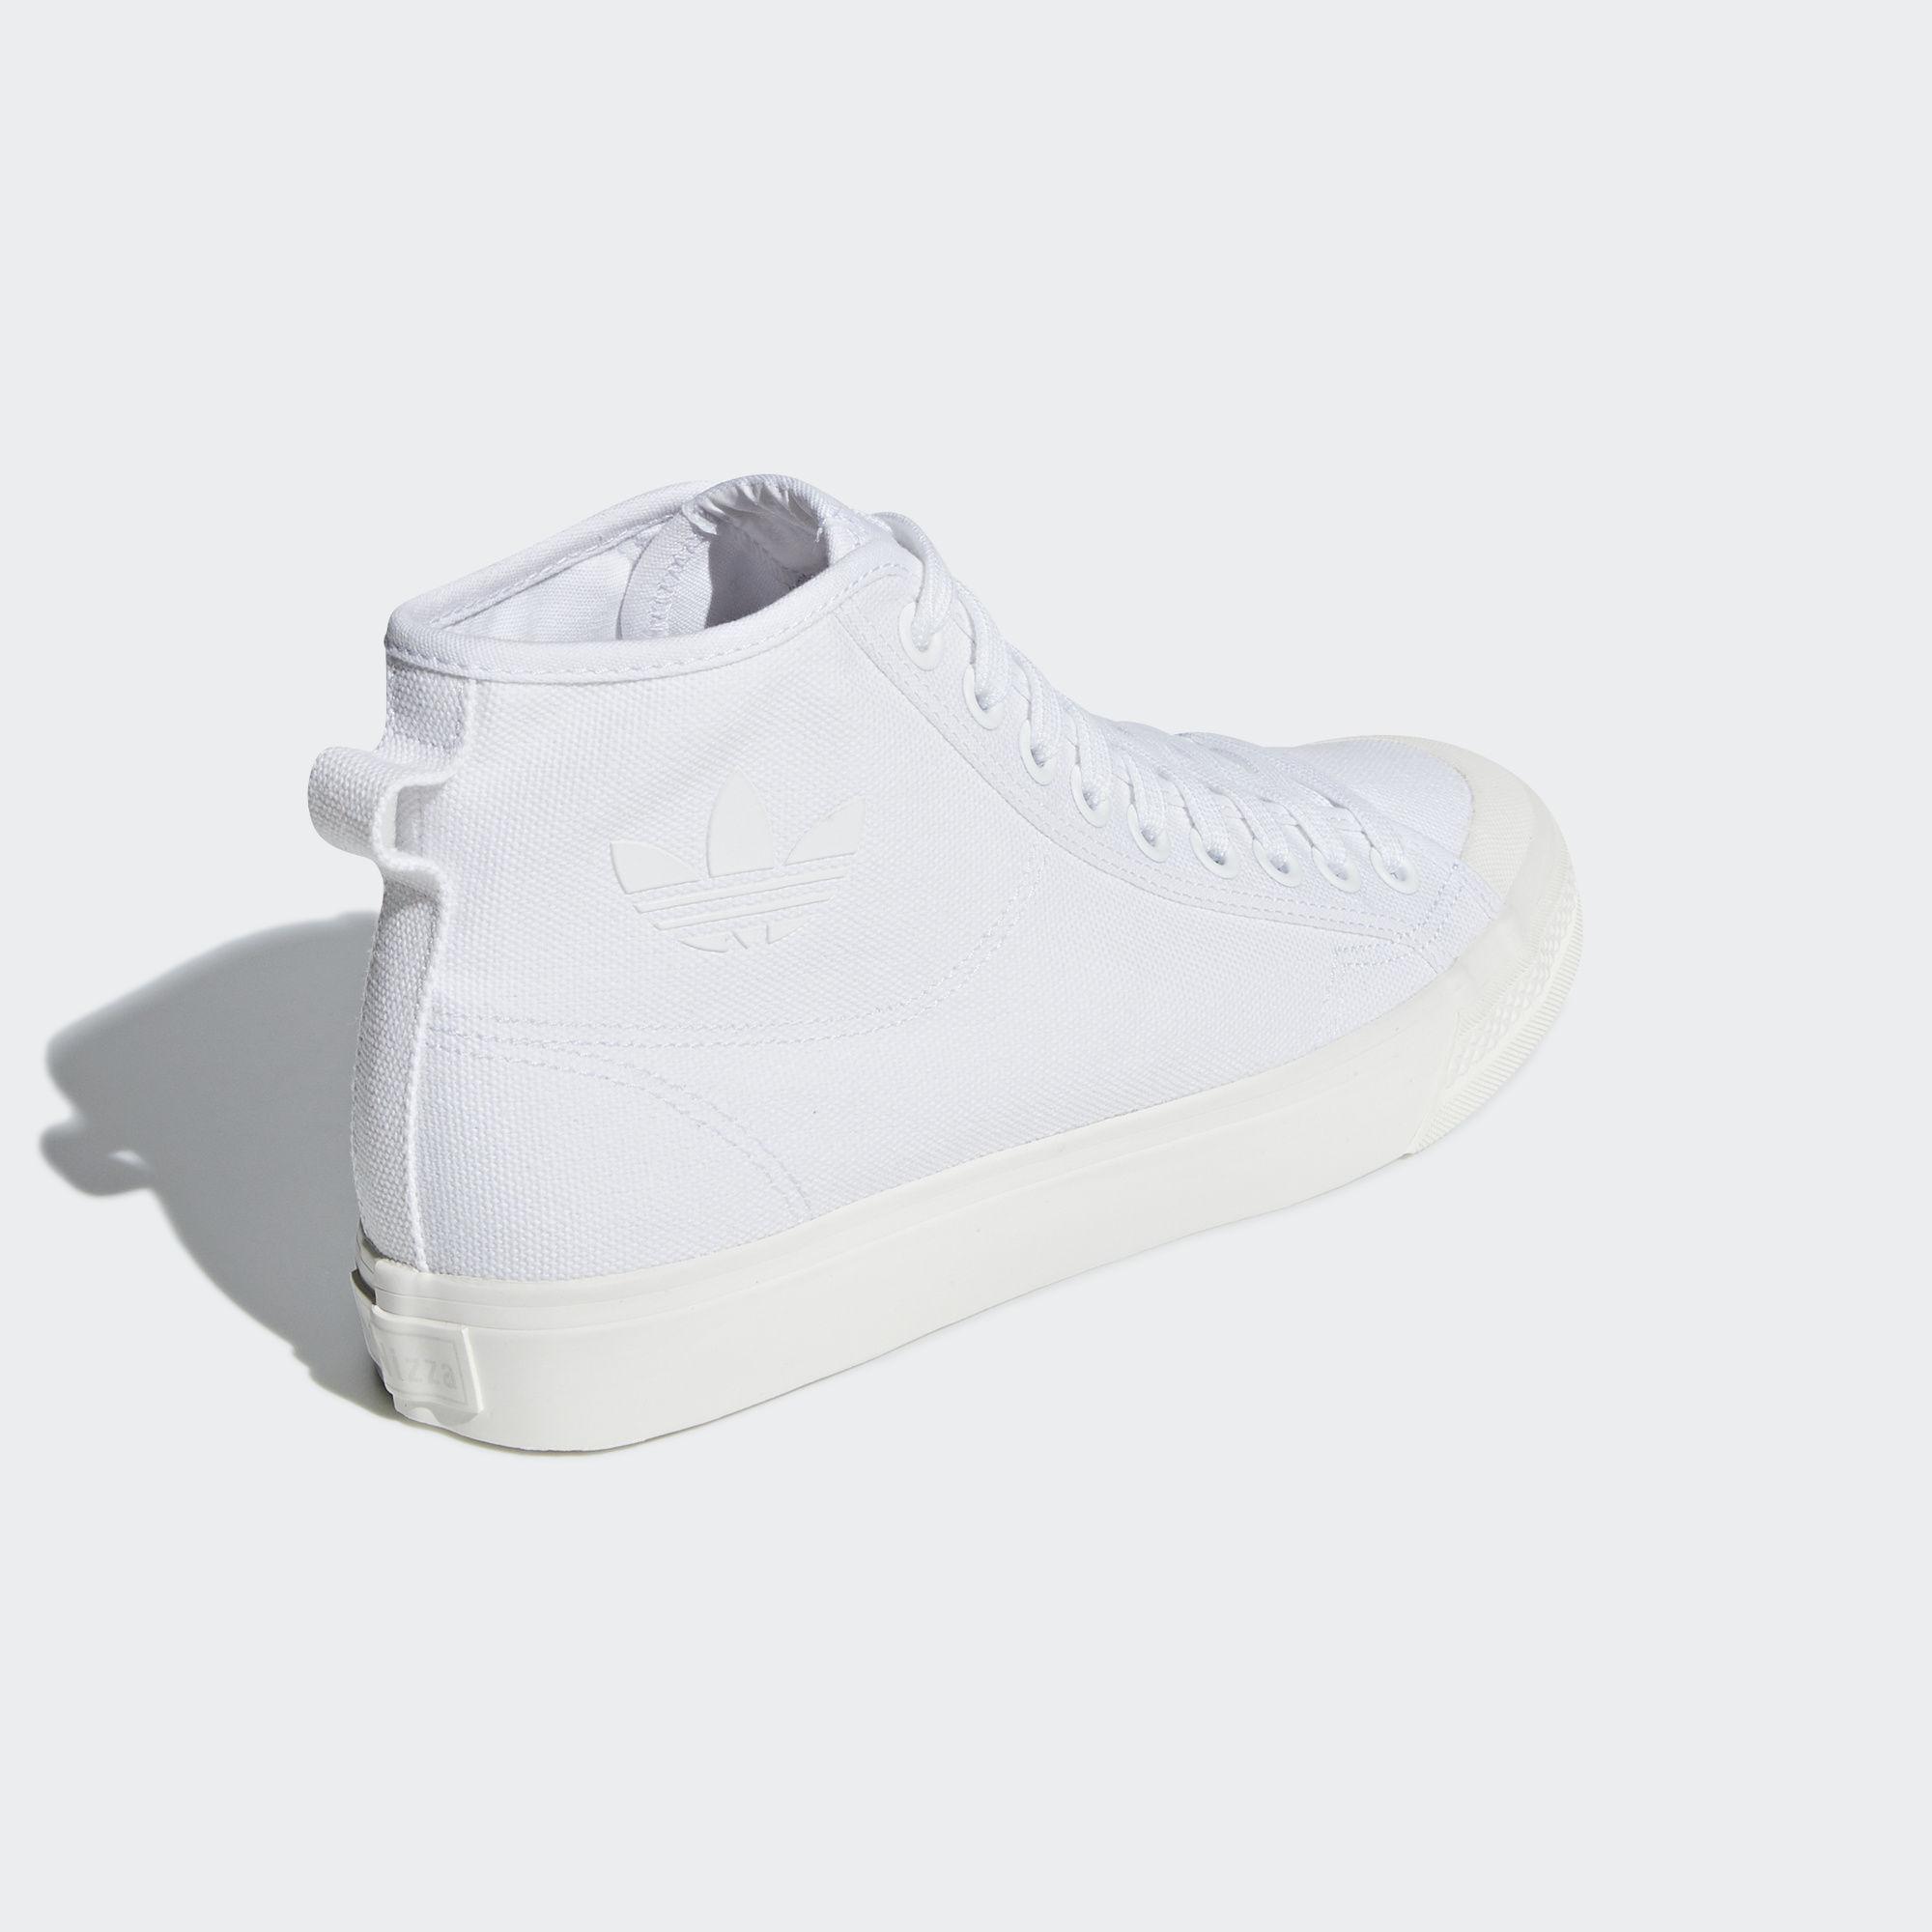 Adidas Nizza Hi B41643